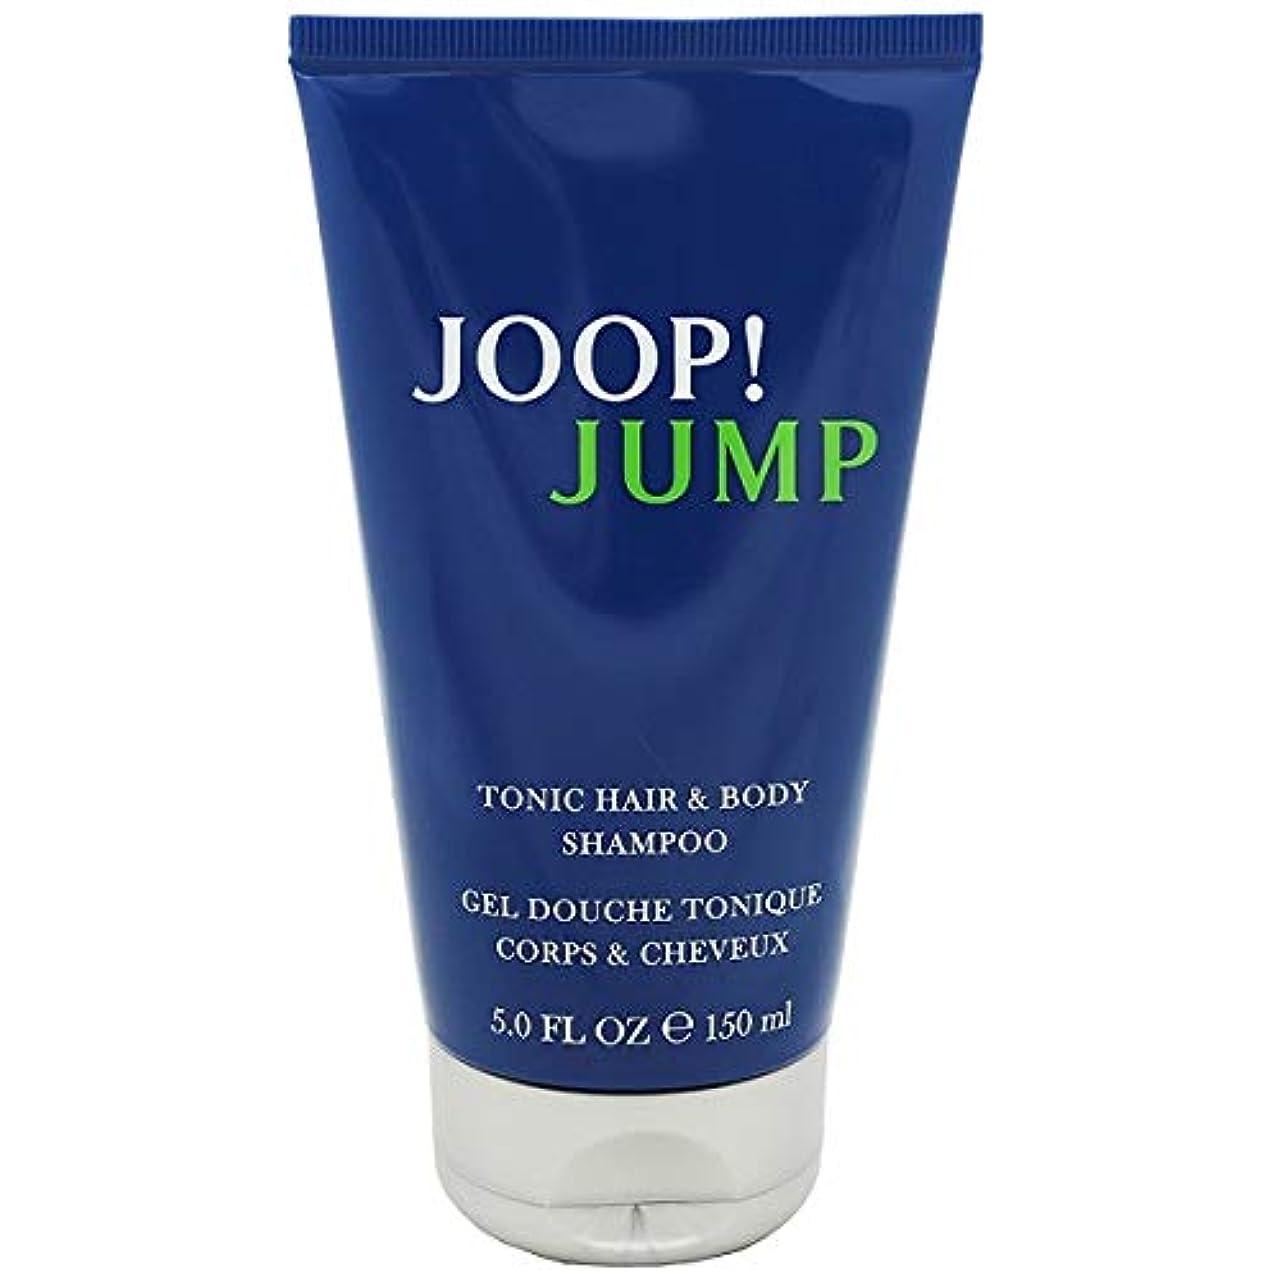 平方異議秀でる【ジョープ】ジョープ ジャンプ ヘア&ボディシャンプー 150ml [並行輸入品]